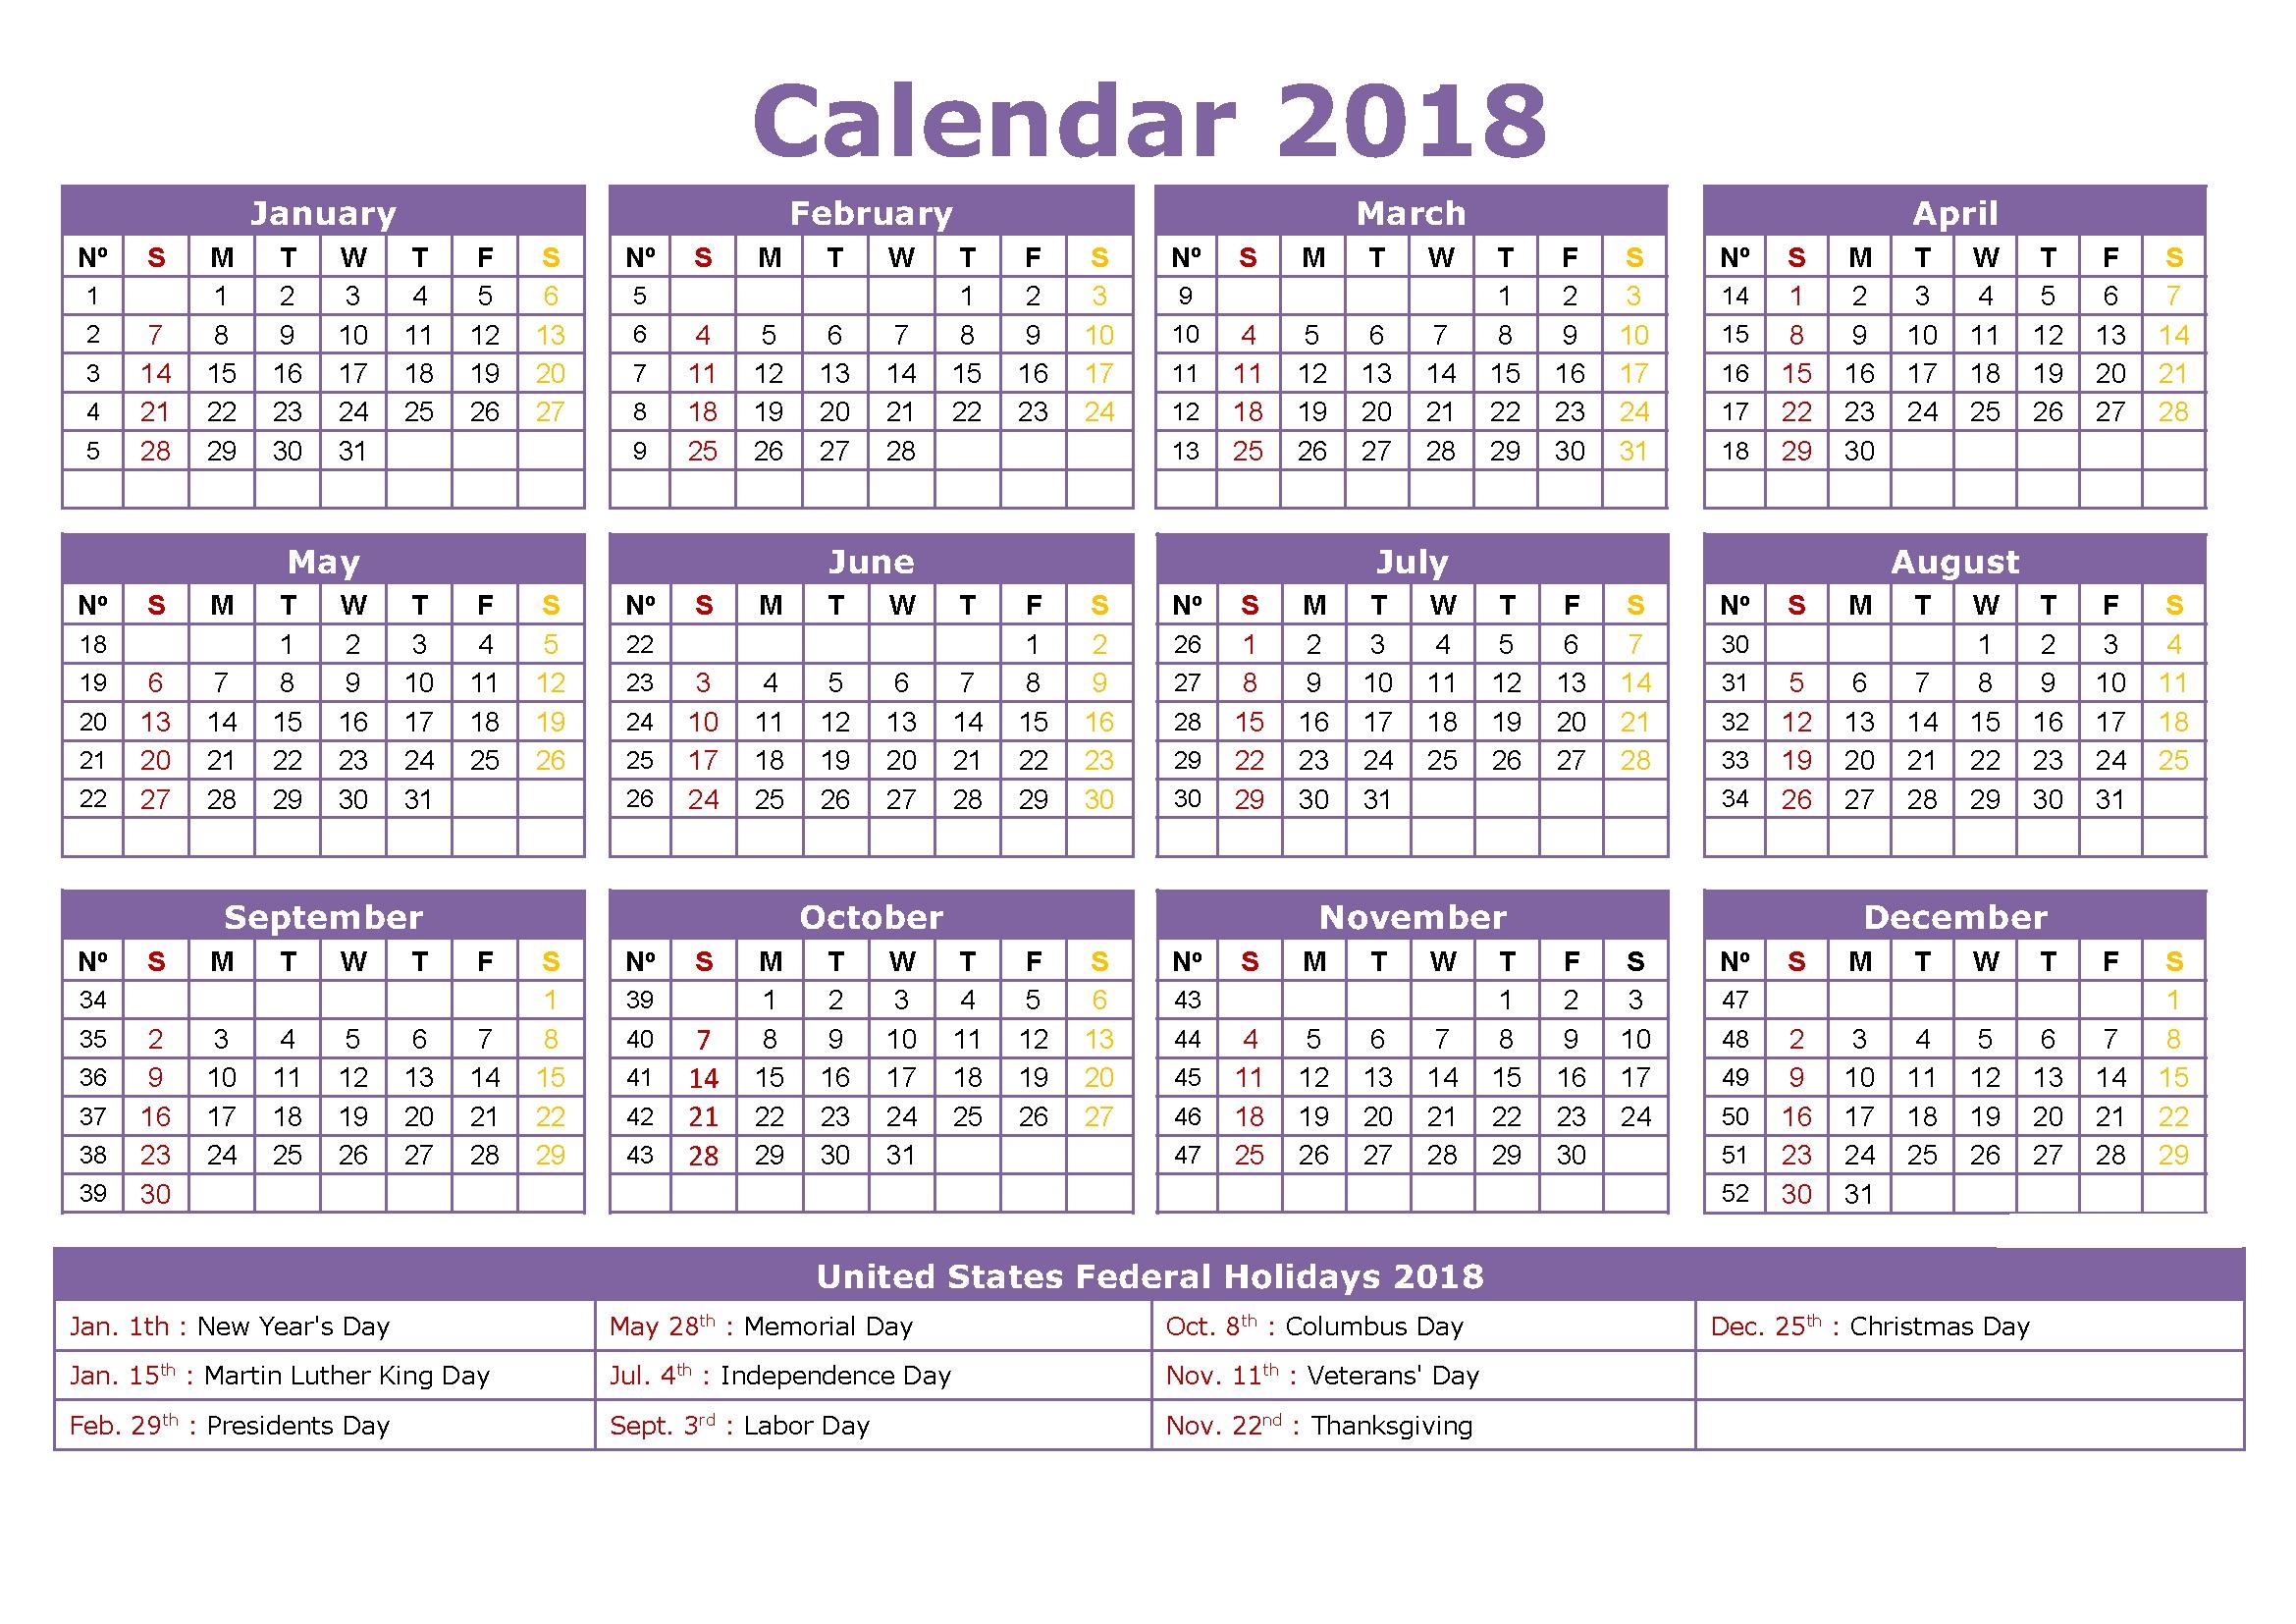 printable calendar 2018 usa holidays list for bank and school 2018 Calendar With Holidays Usa Printable erdferdf